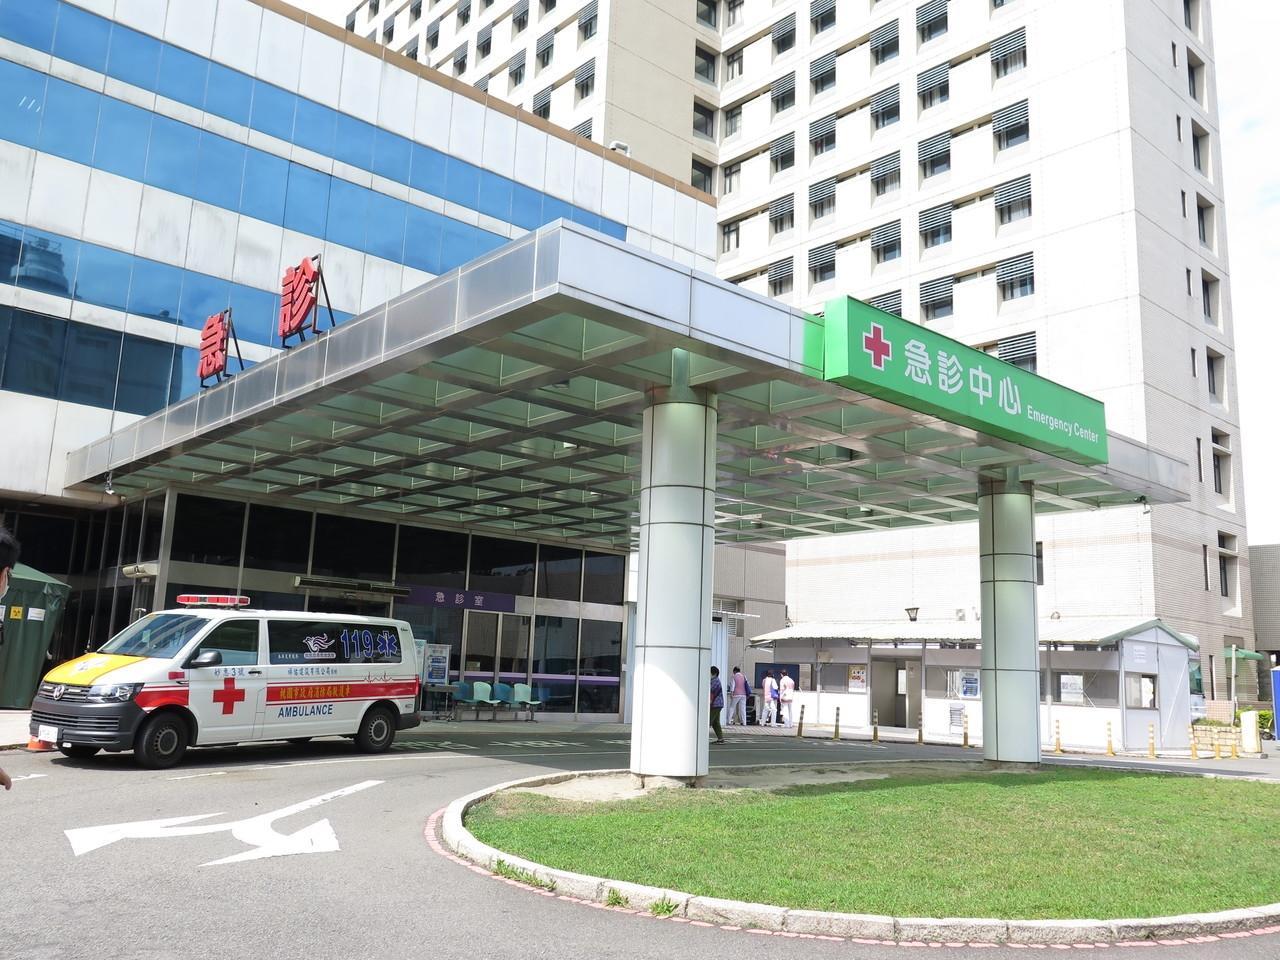 桃園市衛生局指出,已經立即連繫轄內11家急救責任醫院及其餘23家非急救責任醫院全面配合實施門禁管制,圖為衛福部桃園醫院。記者張裕珍/攝影